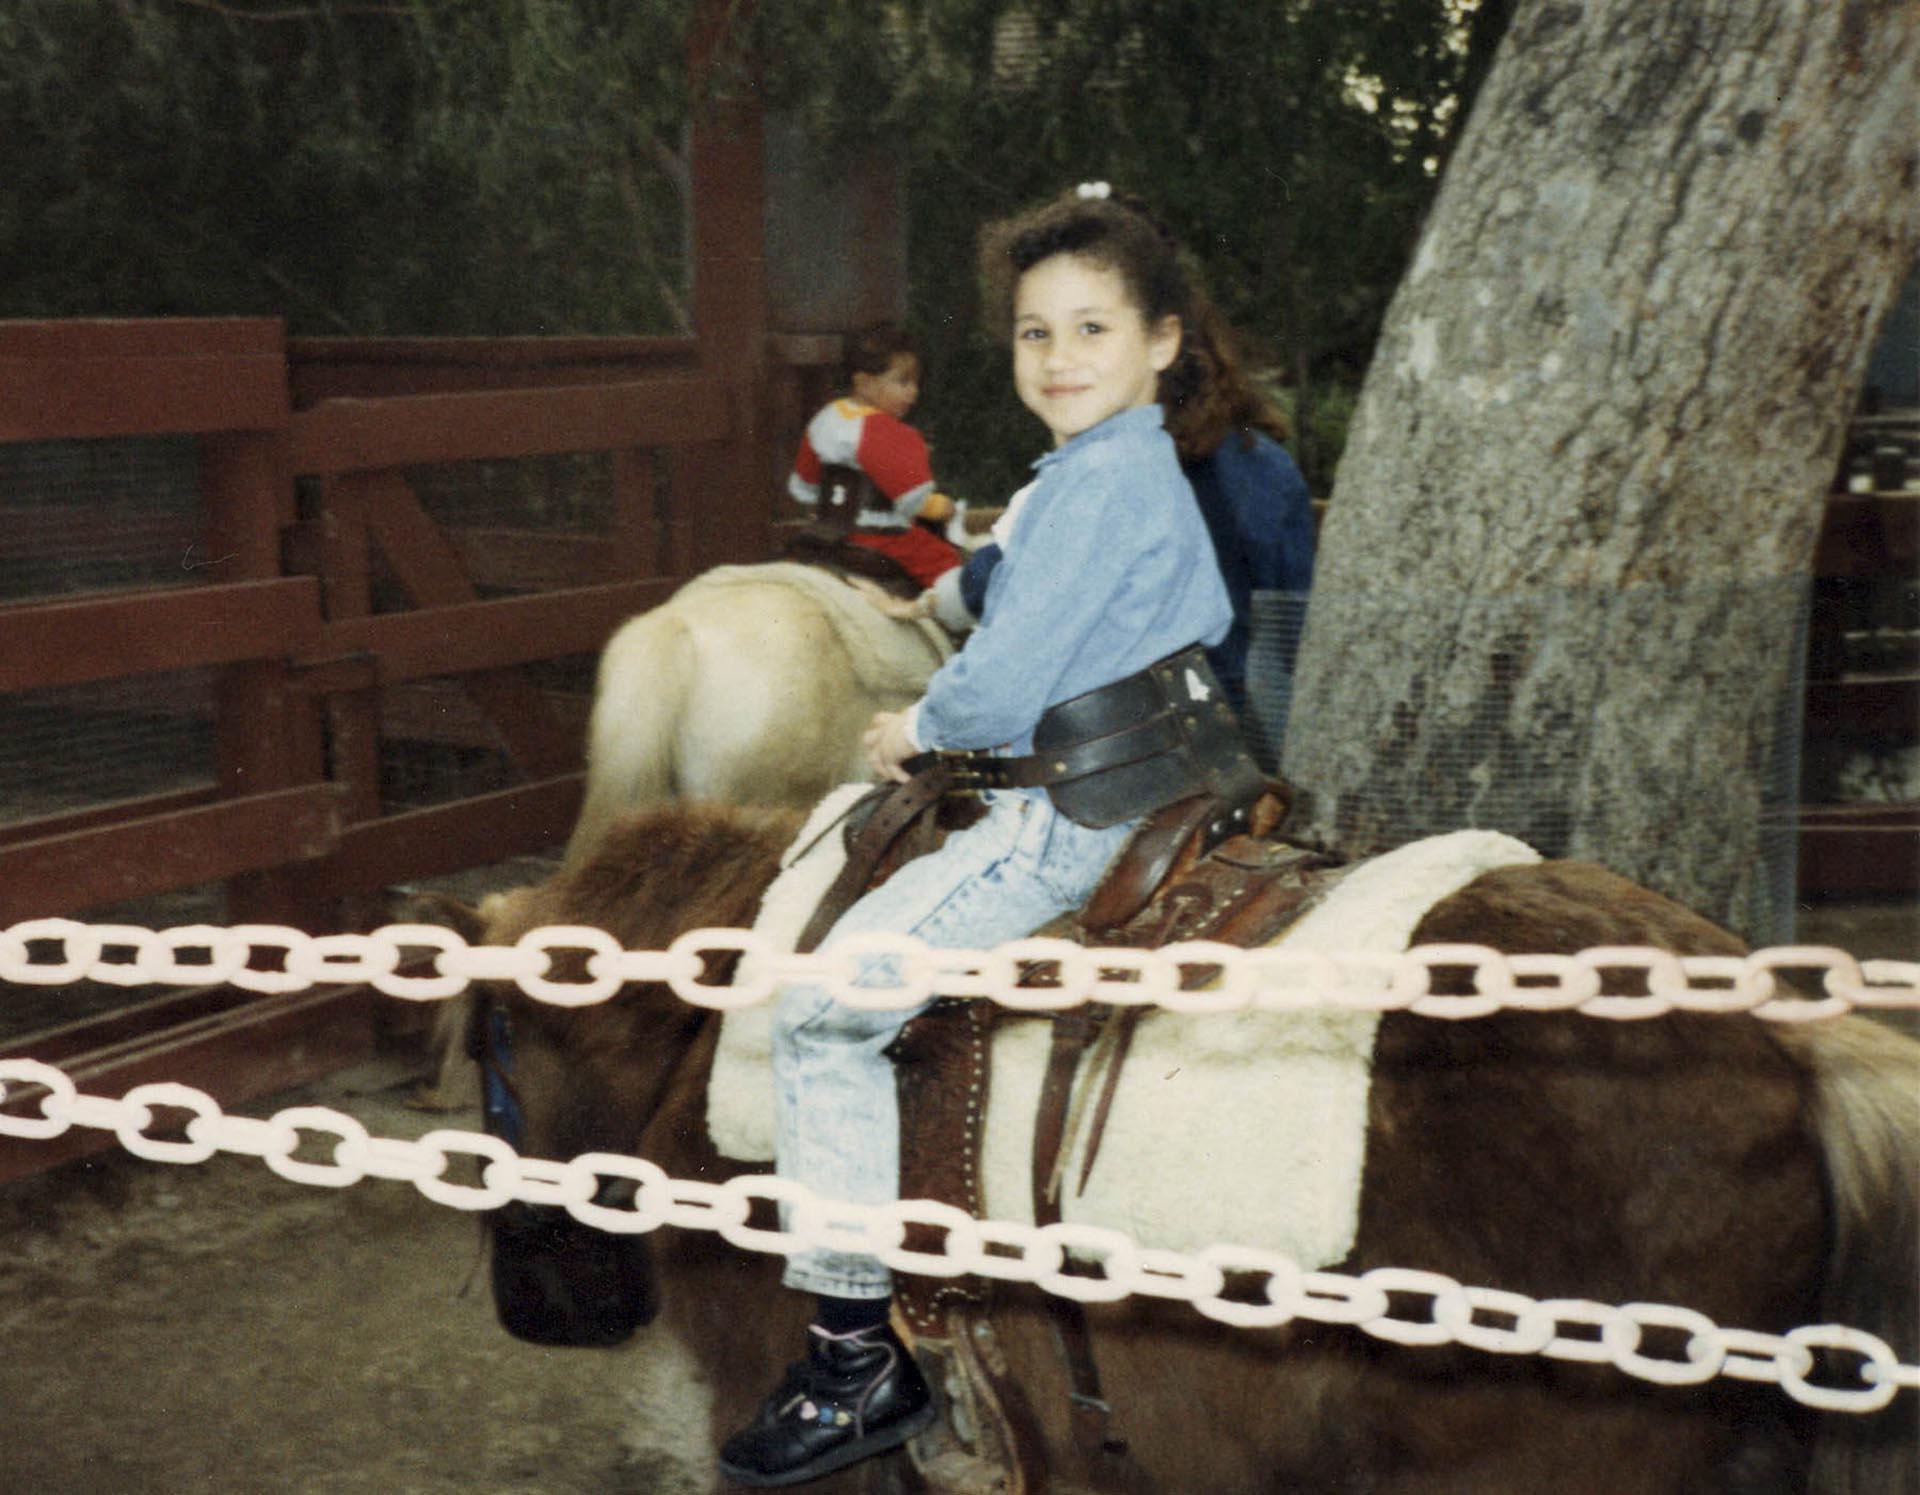 Meghan Markle nació el 4 de agosto de 1981 y creció en Los Ángeles, California. En esta foto, tiene 4 años